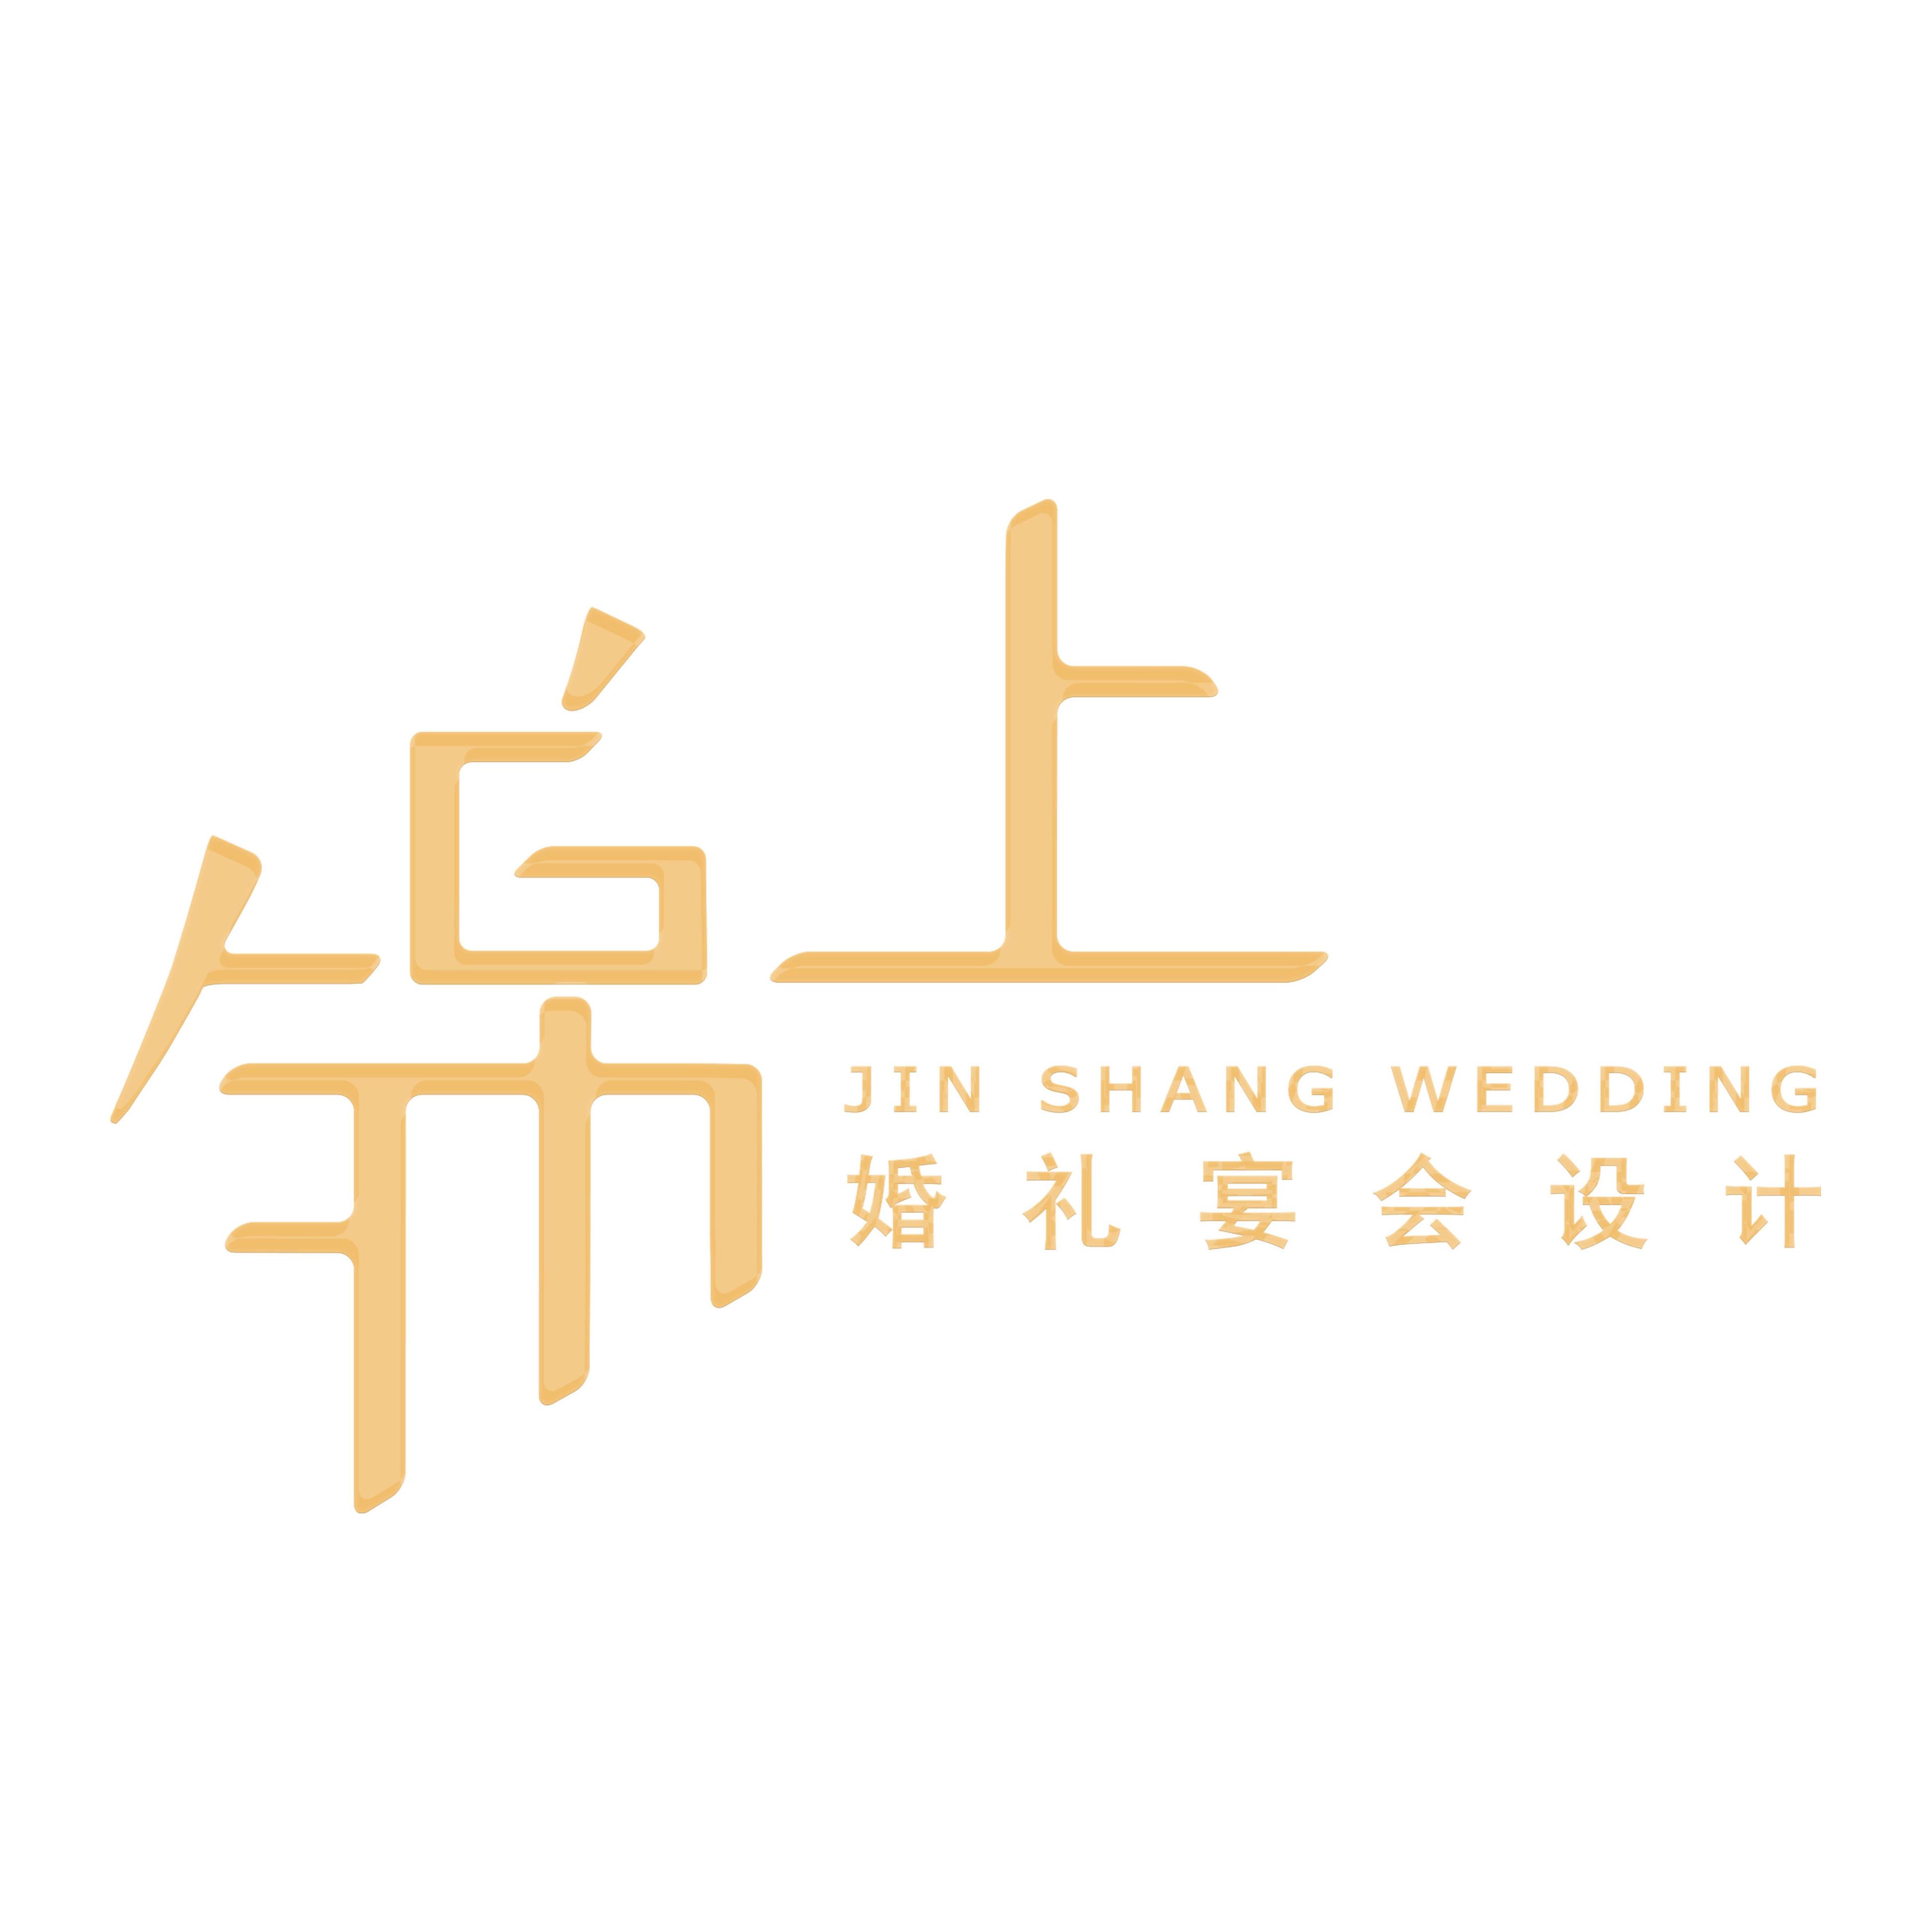 太原锦上婚礼宴会设计